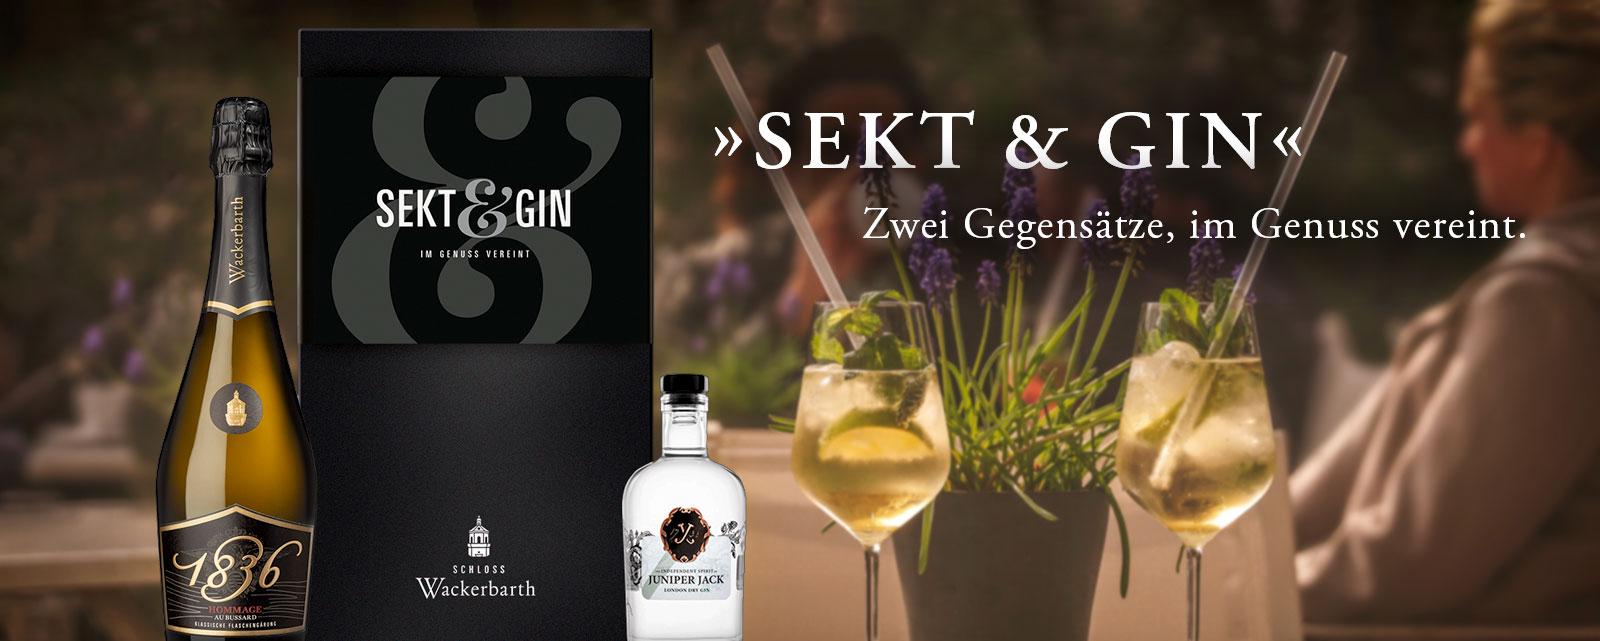 Sekt & Gin